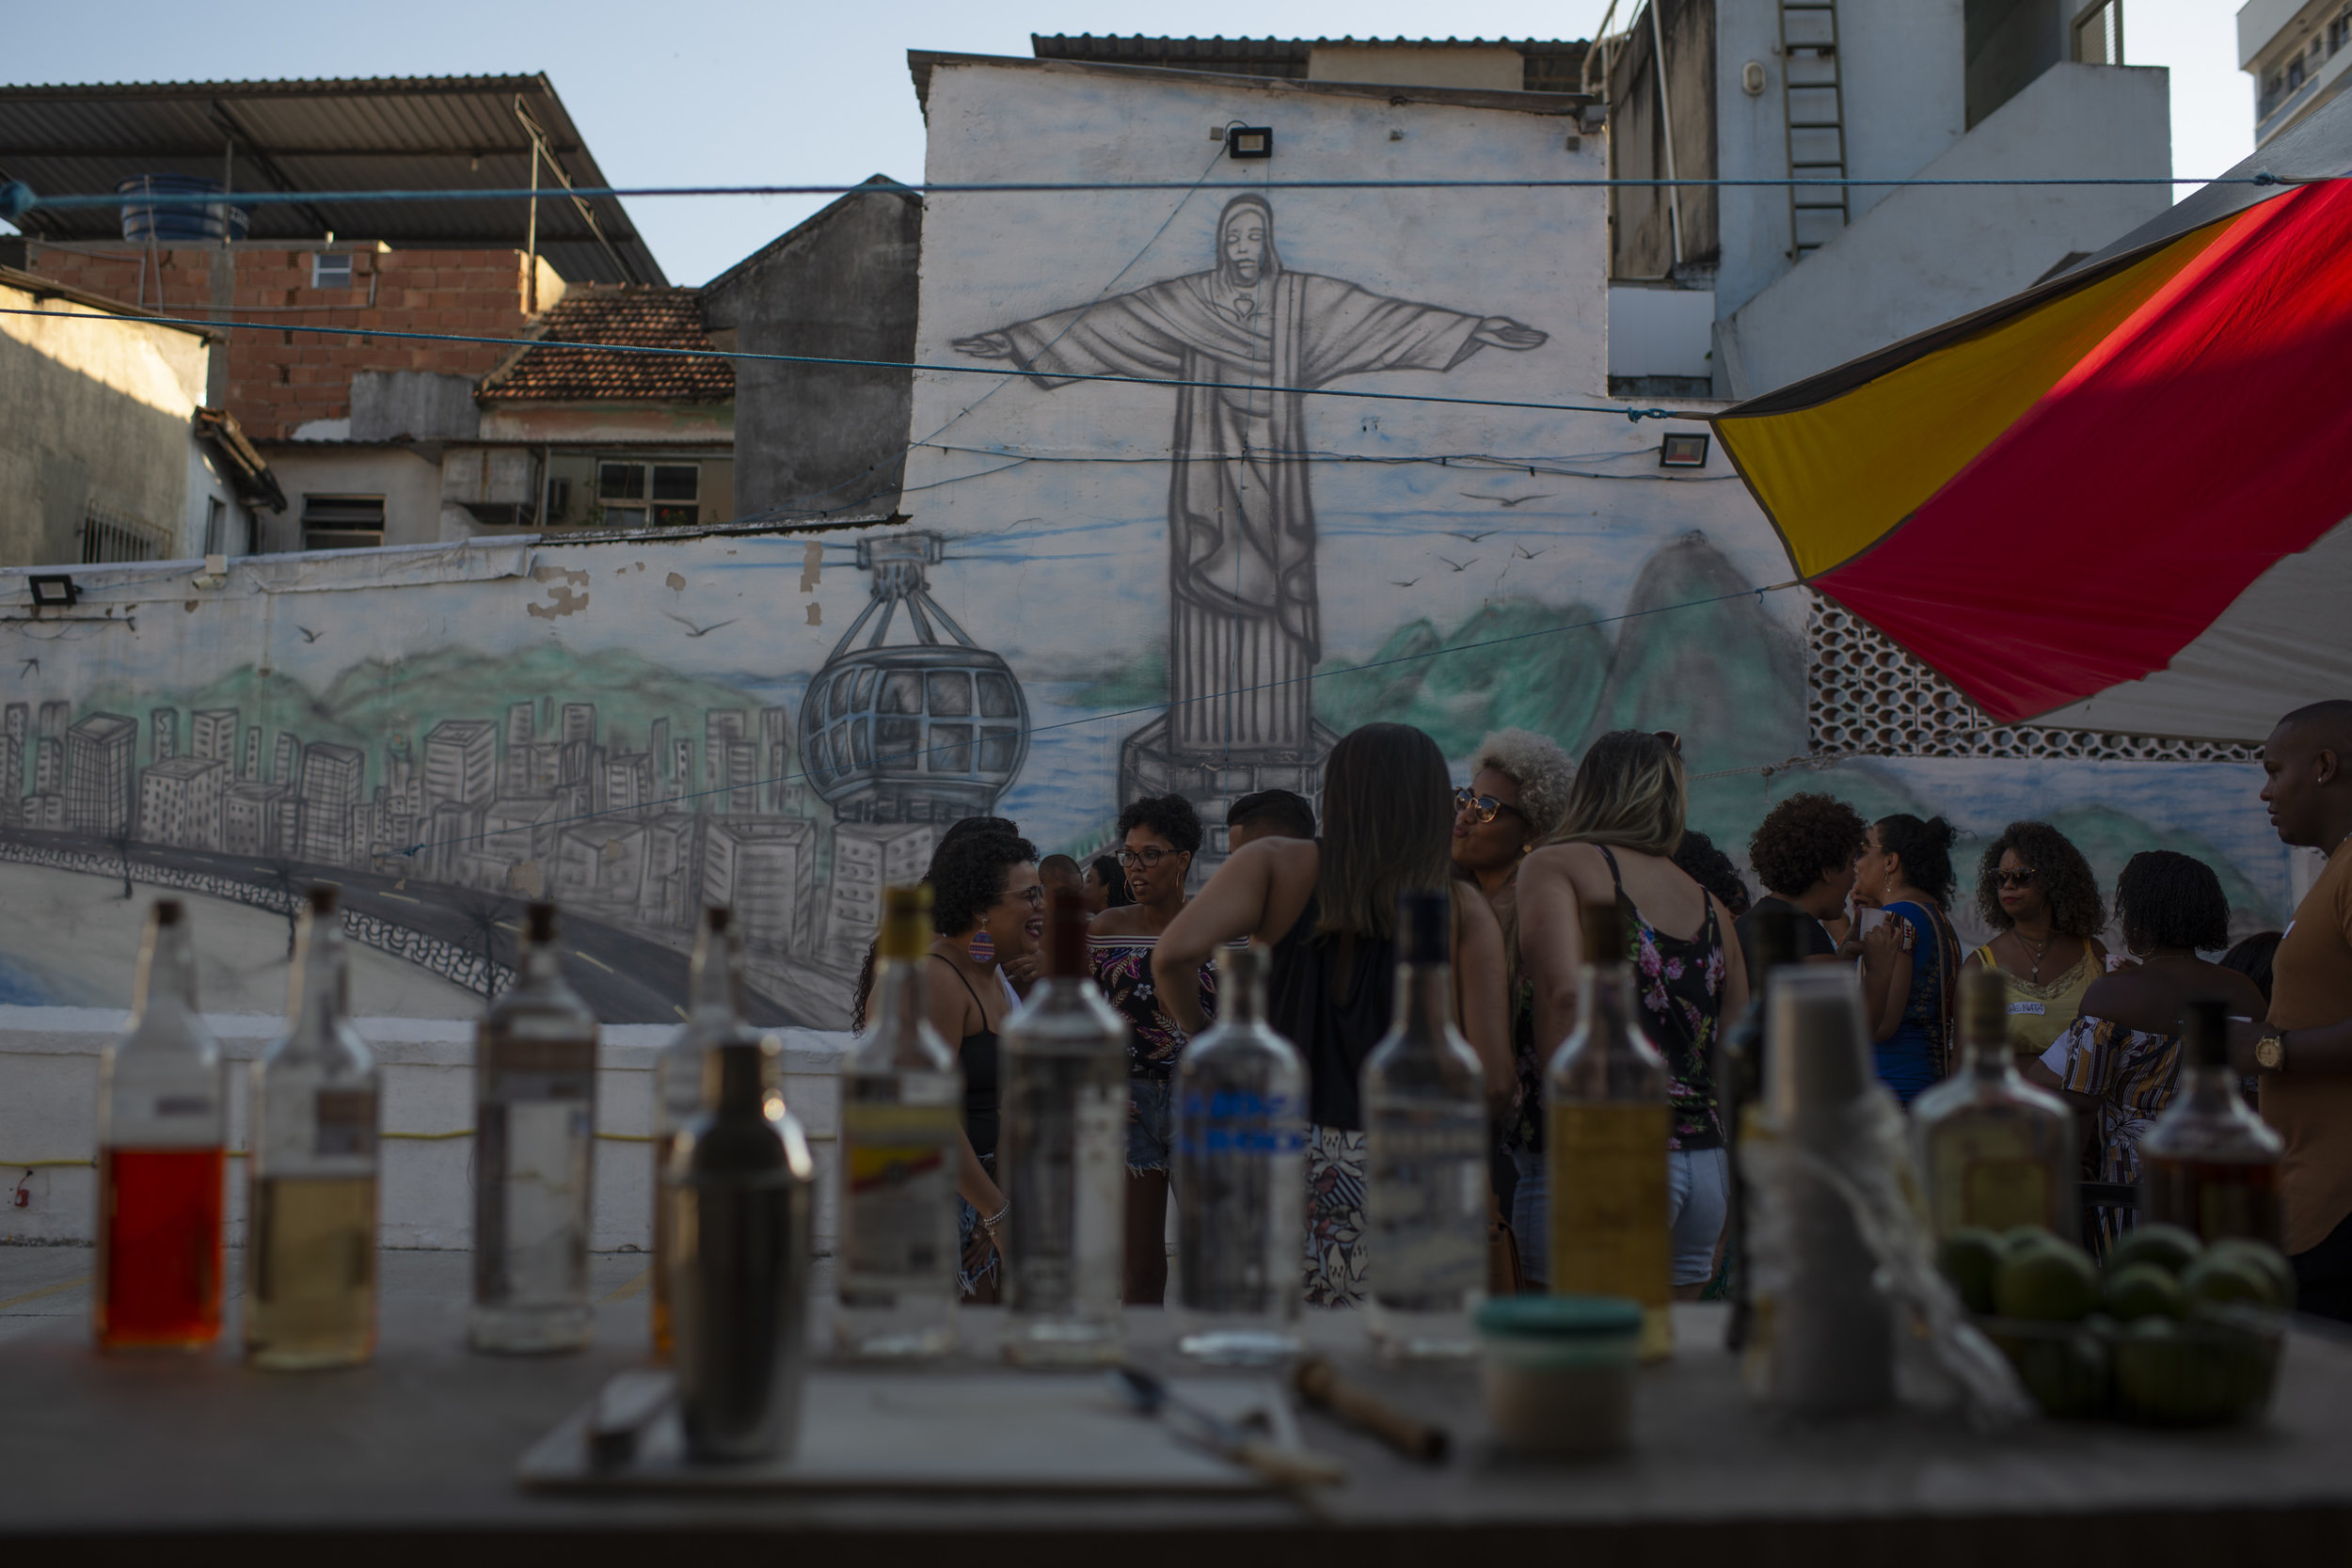 Cascadura, Rio de Janeiro. 2019 © Lucas Landau/UOL/Universa